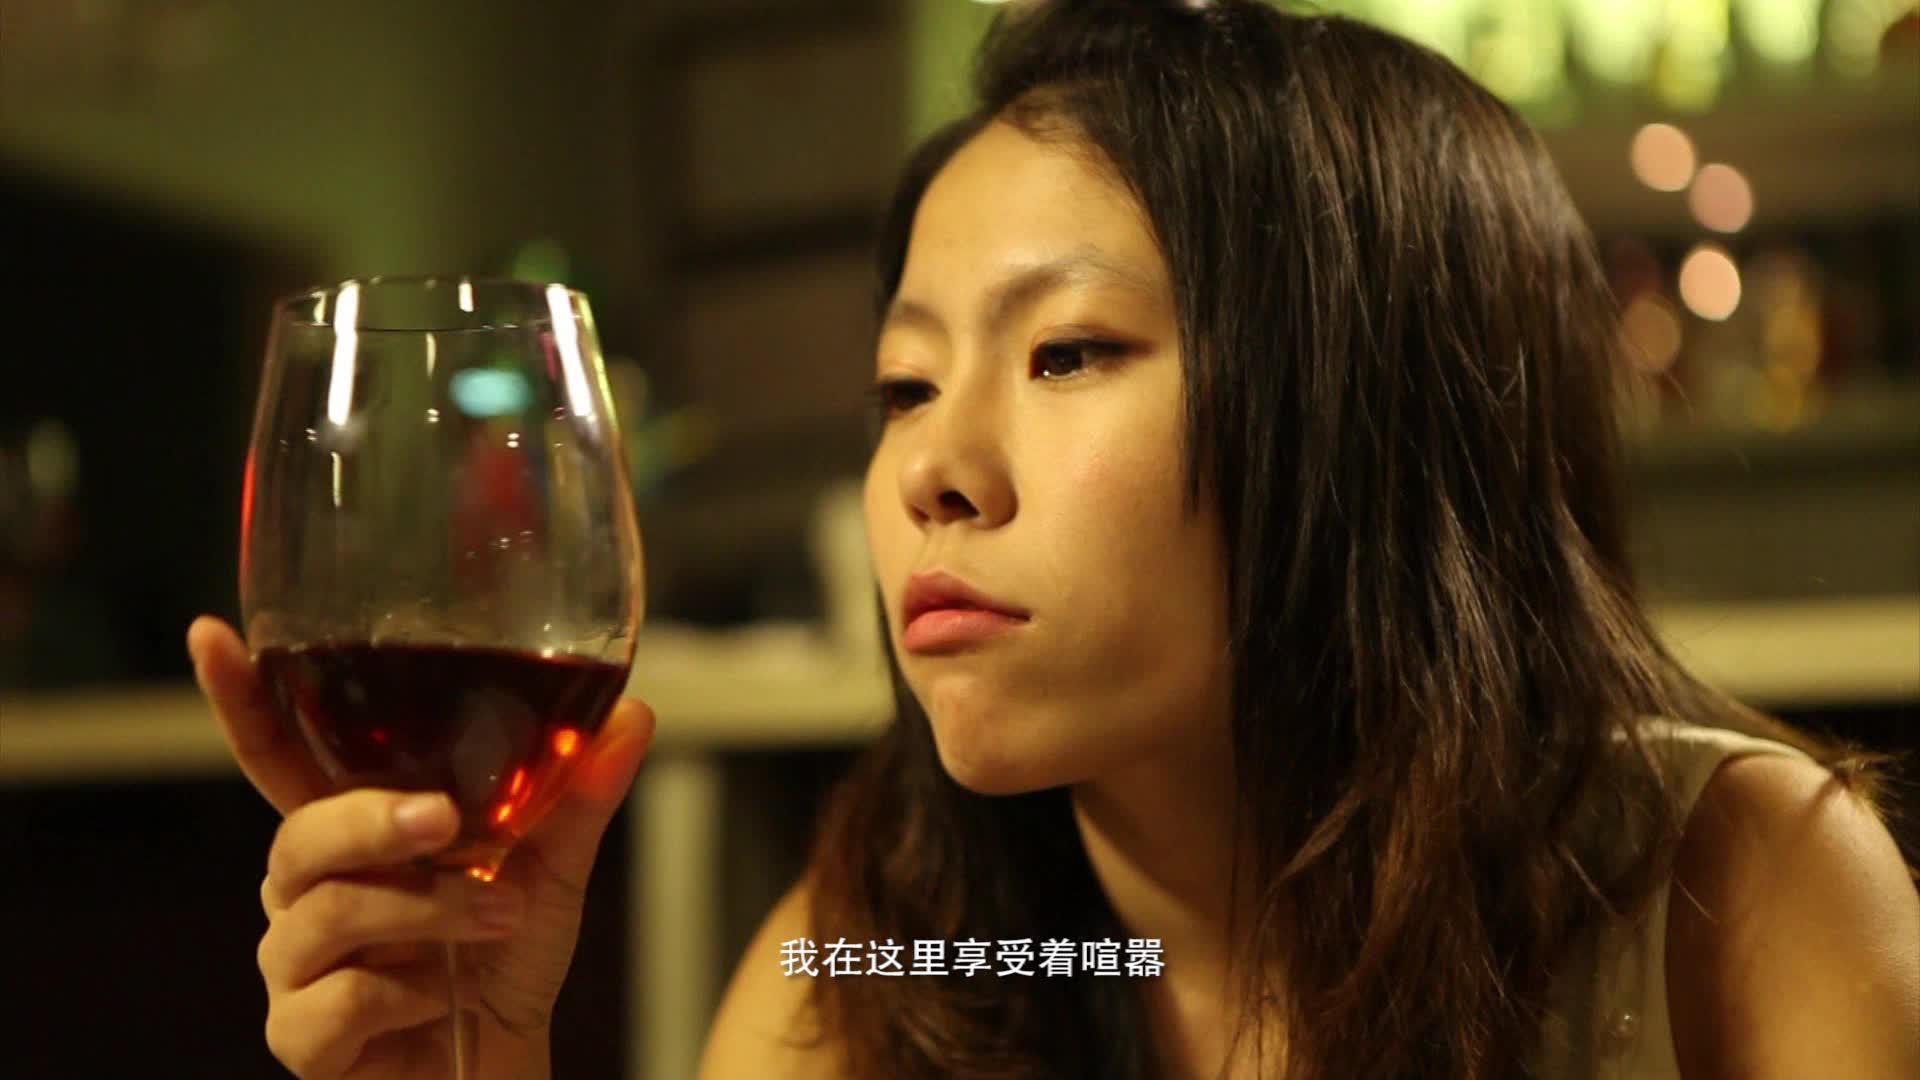 大爱上海之母亲